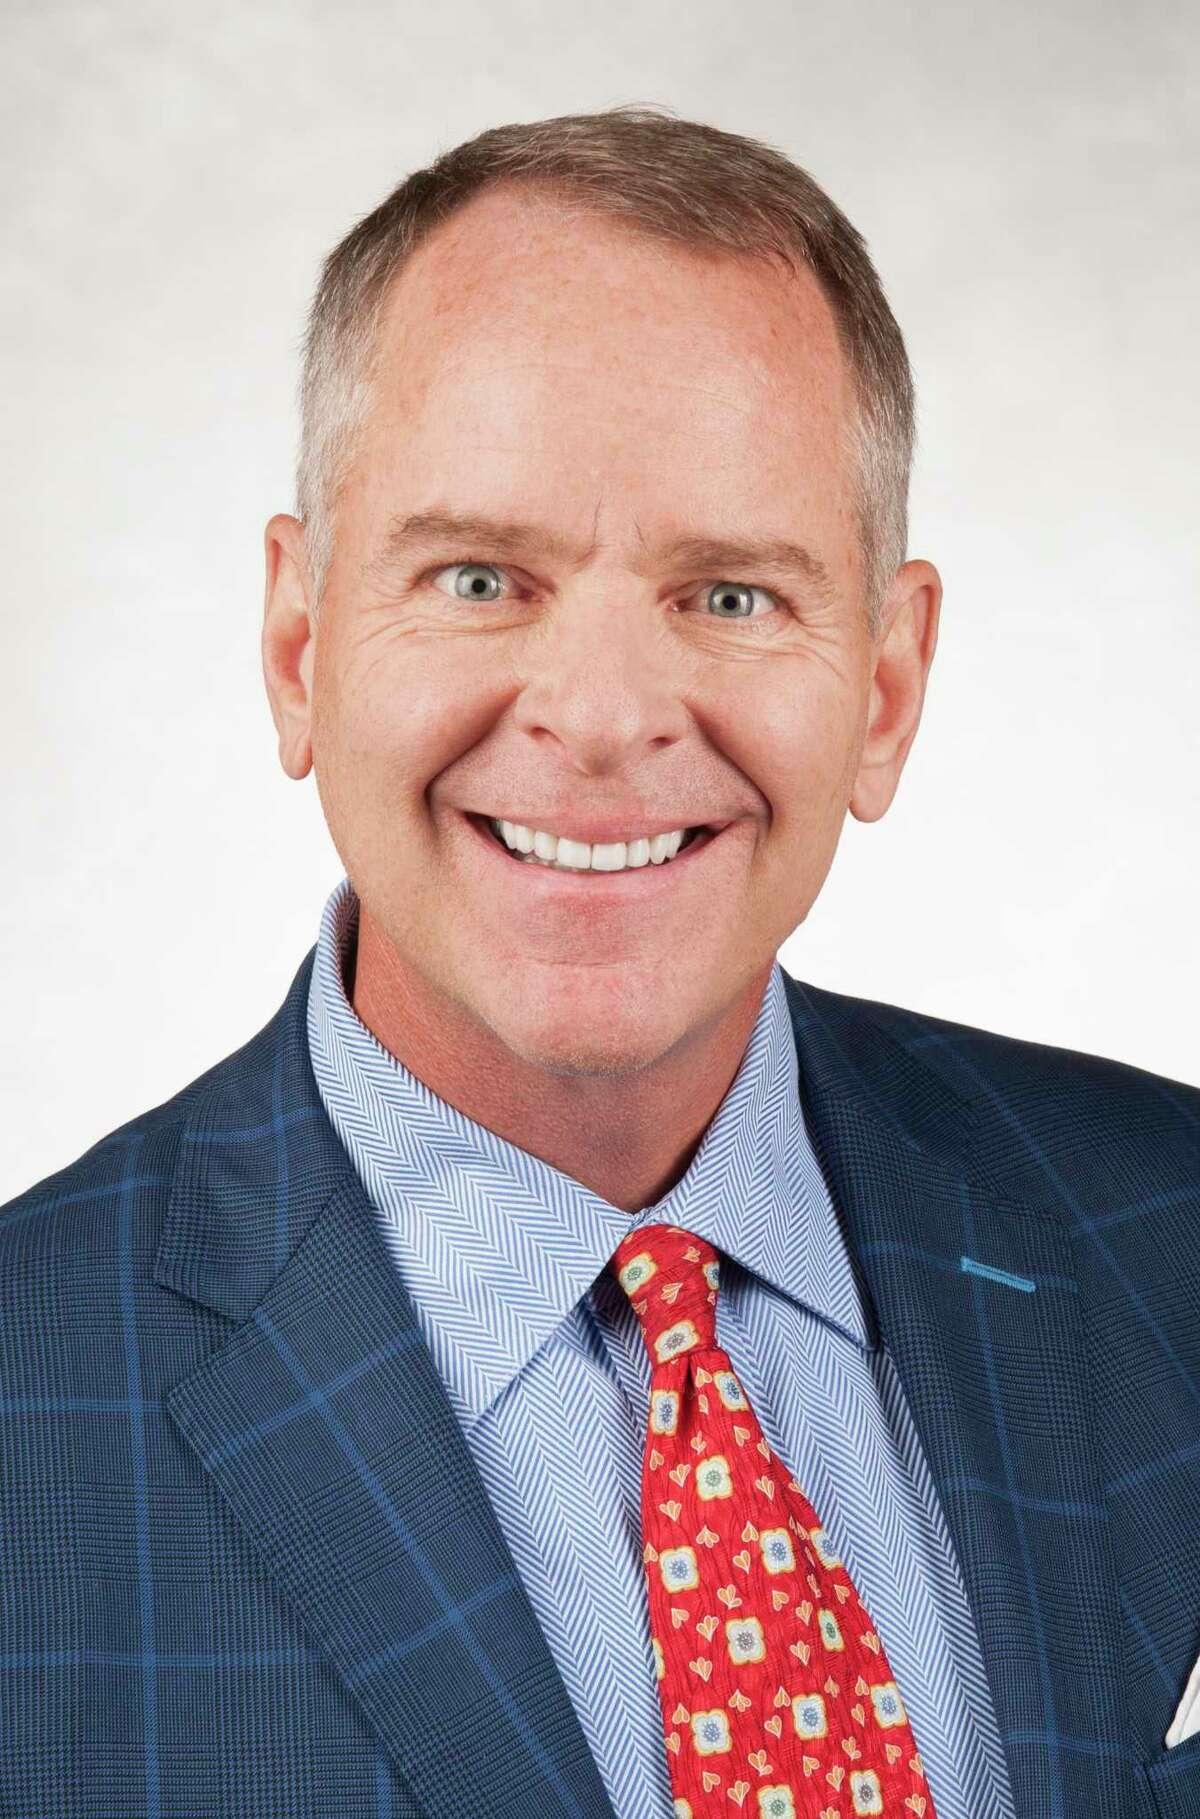 Jeff Reeter is managing partner at Northwestern Mutual.